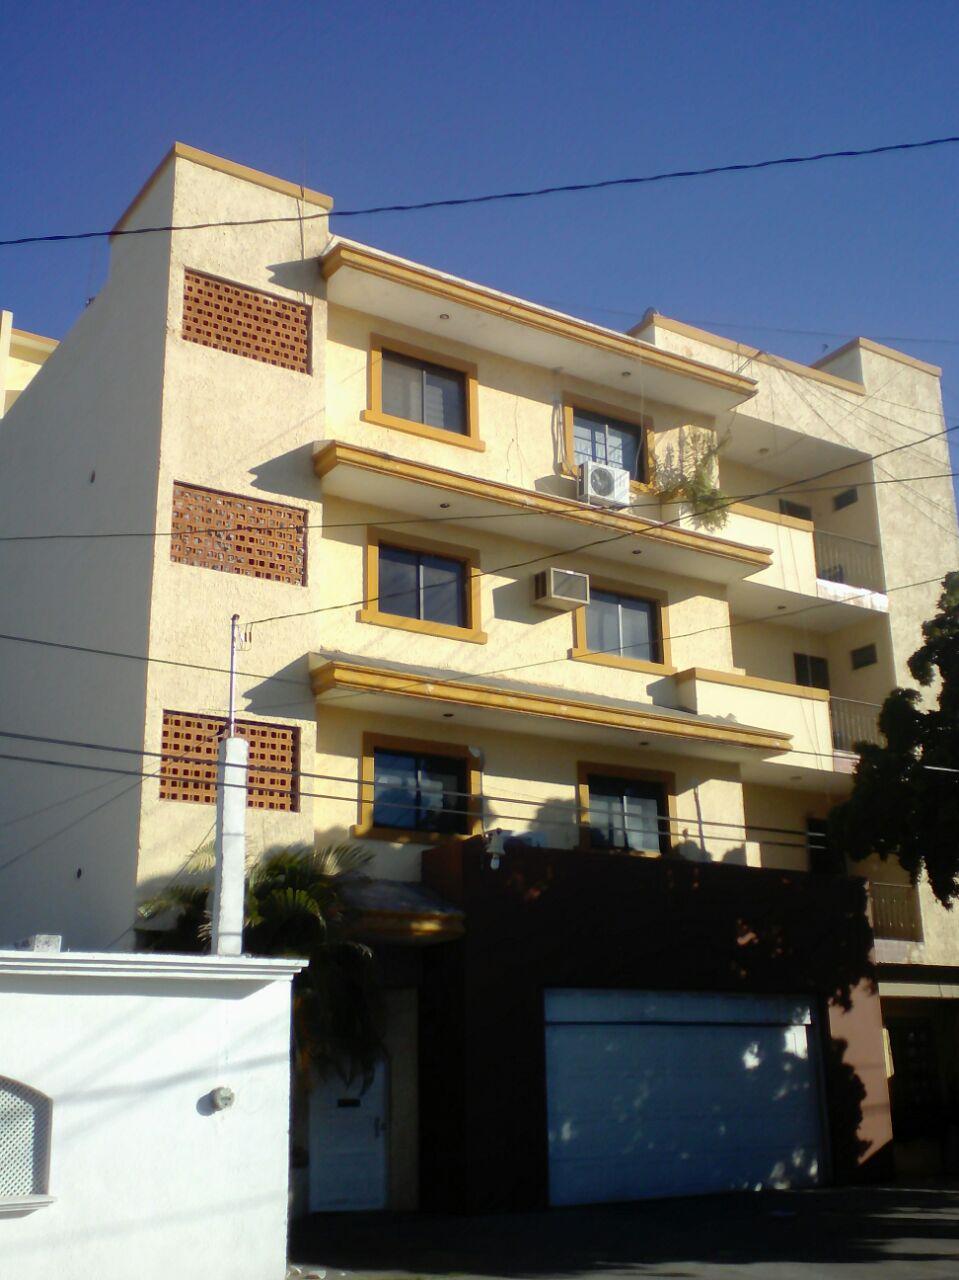 Vendo amplio departamento en Col. Chapultepec ubicación excelente